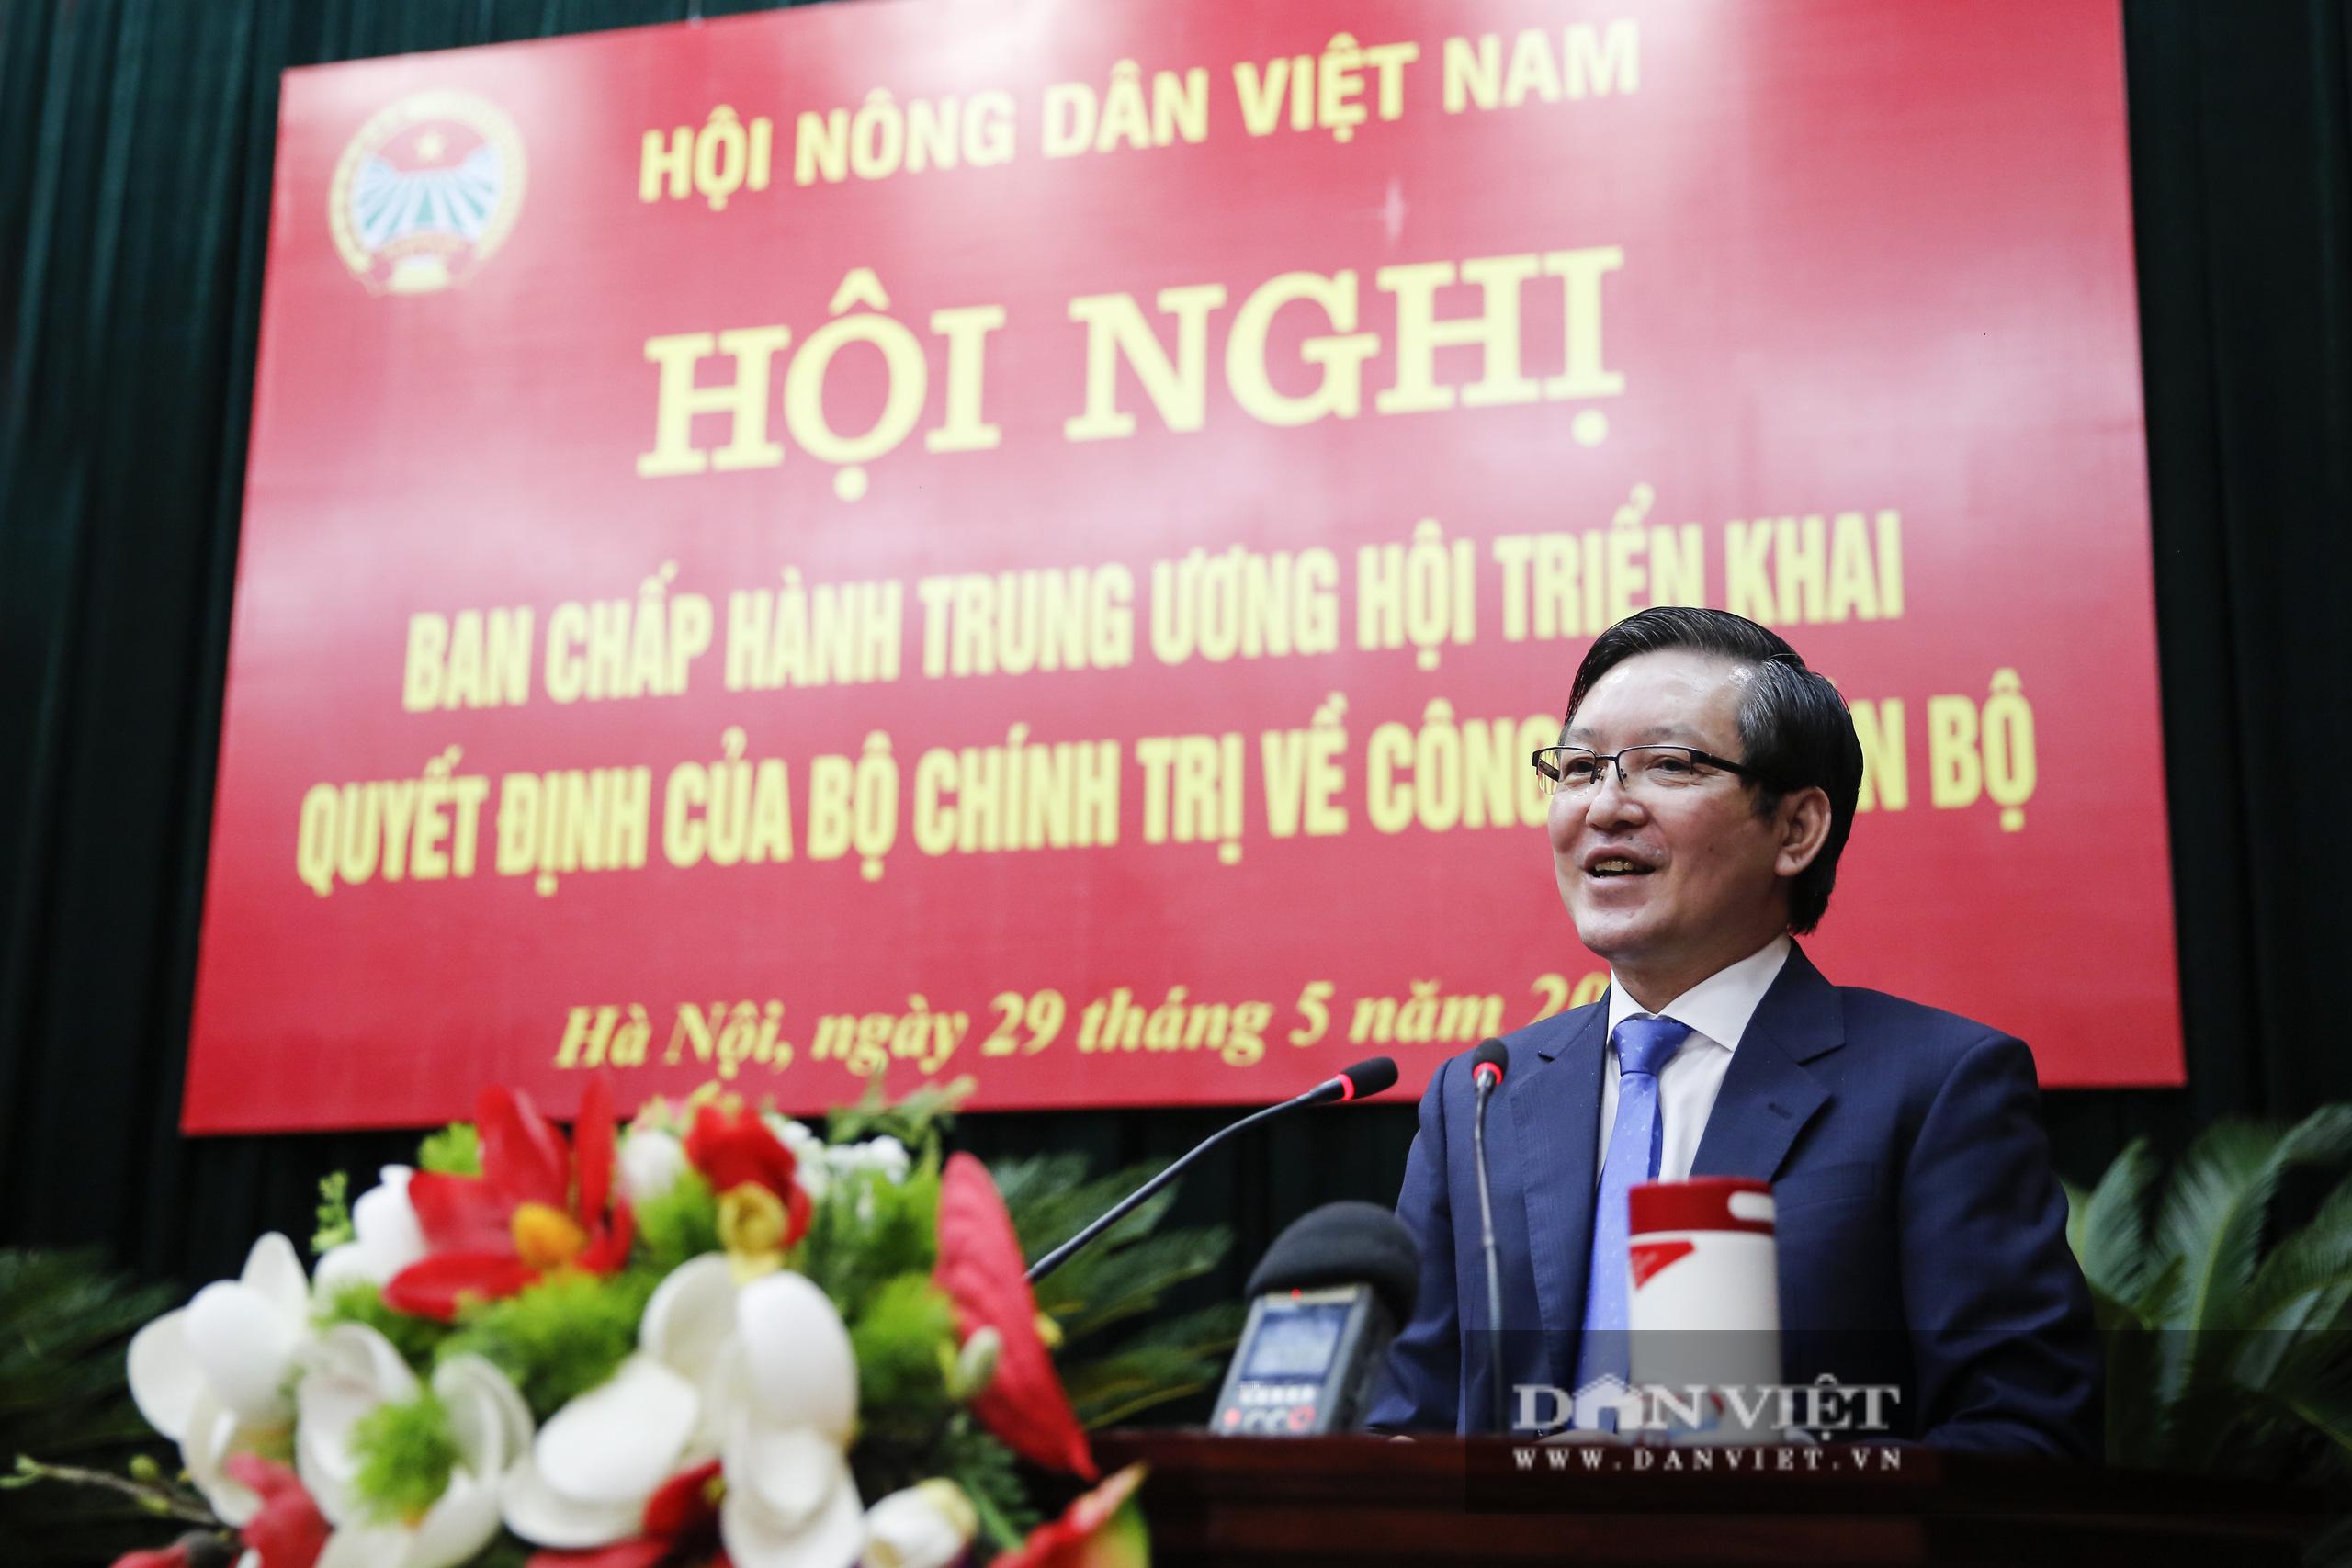 Chủ tịch Hội NDVN Lương Quốc Đoàn: Trăn trở lớn nhất của tôi là thay đổi mạnh mẽ phương thức tập hợp nông dân - Ảnh 2.